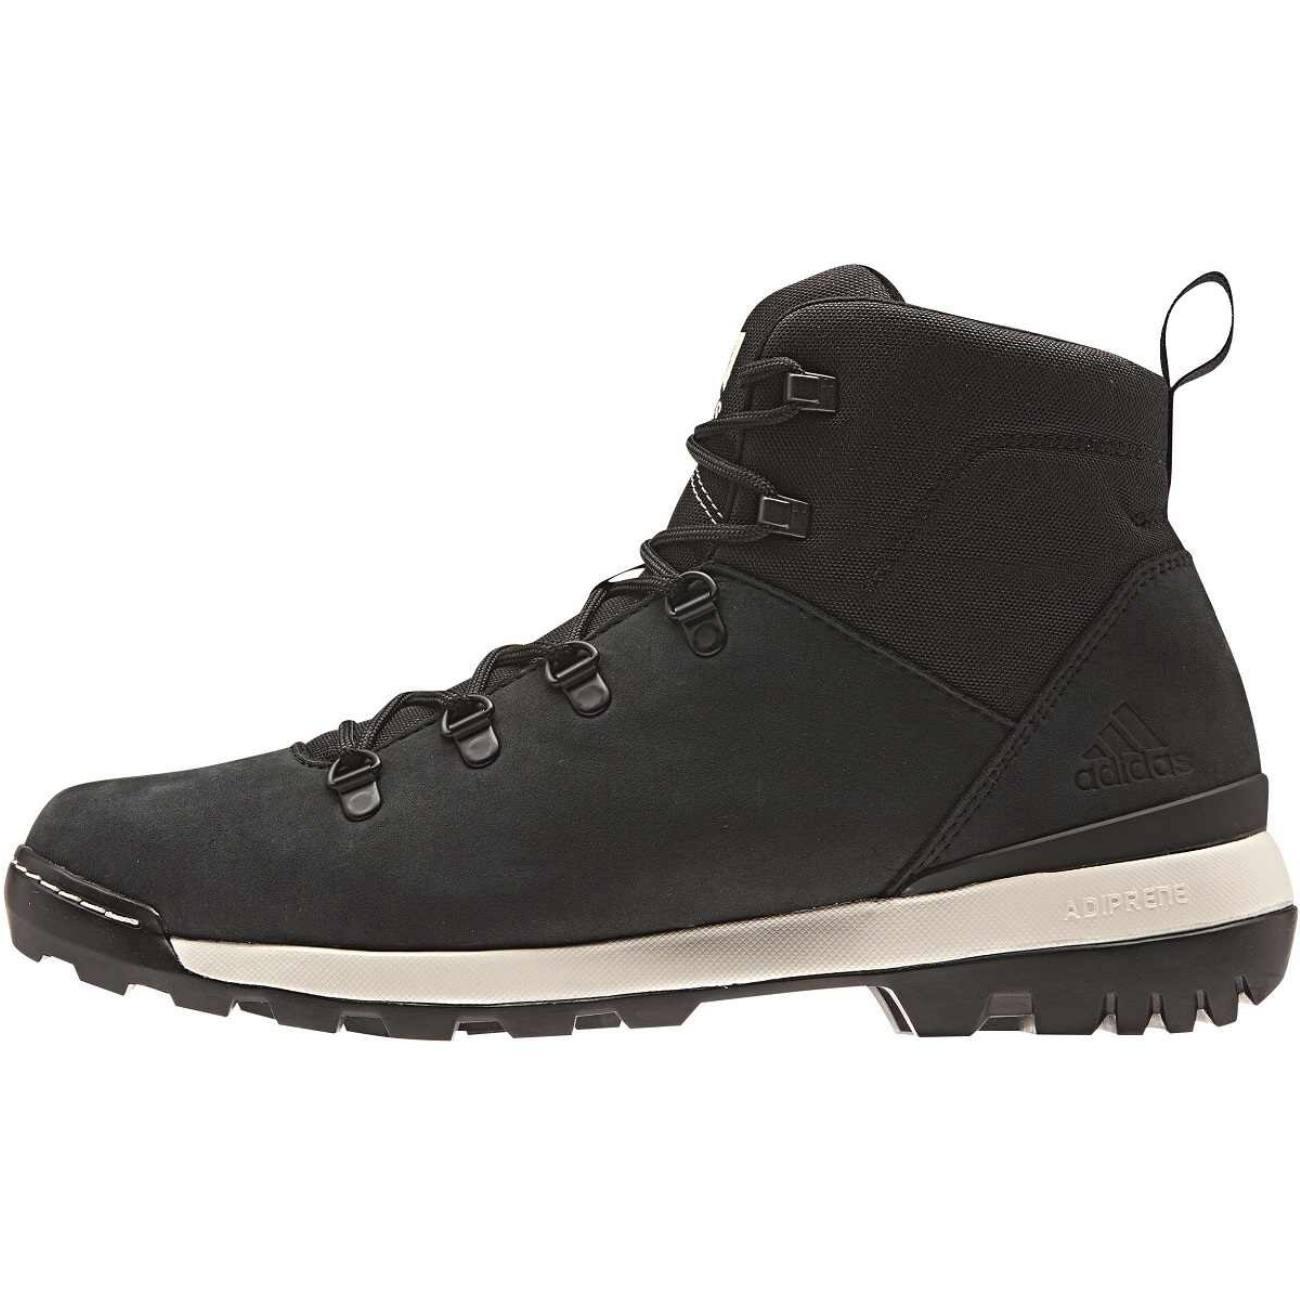 adidas trailcruiser mid schuhe stiefel boots winterstiefel winterschuhe herren ebay. Black Bedroom Furniture Sets. Home Design Ideas